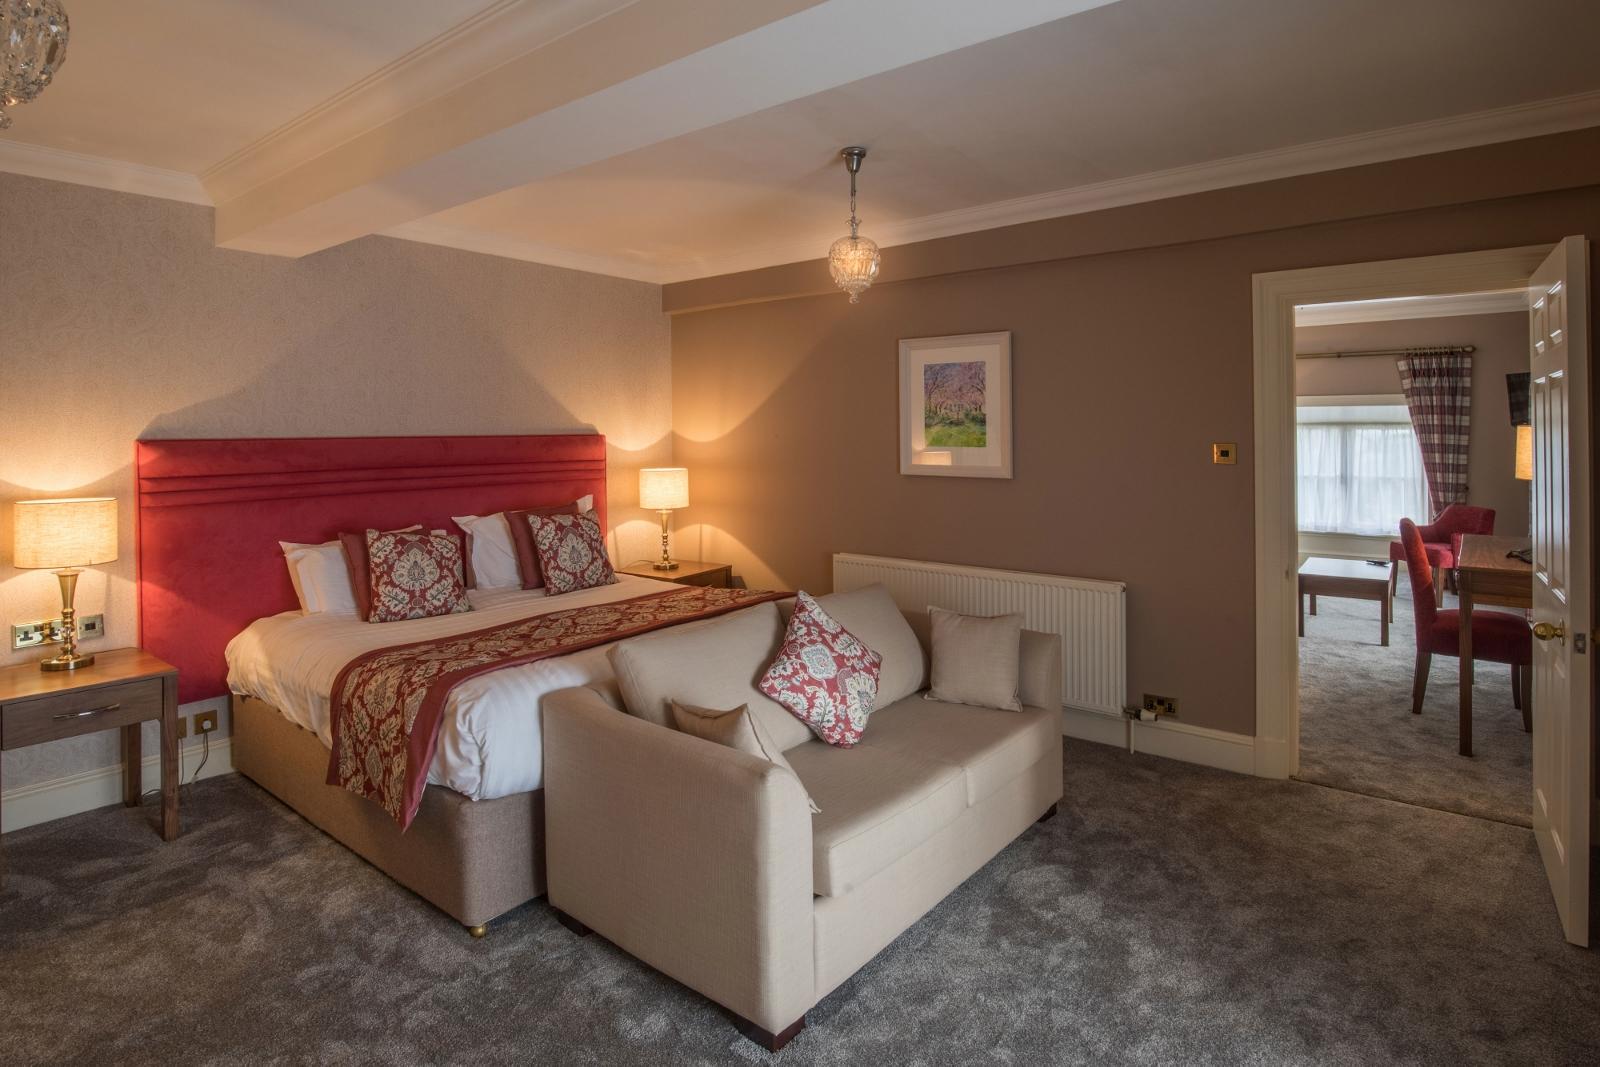 Honeysuckle-bedroom (1600x1067)